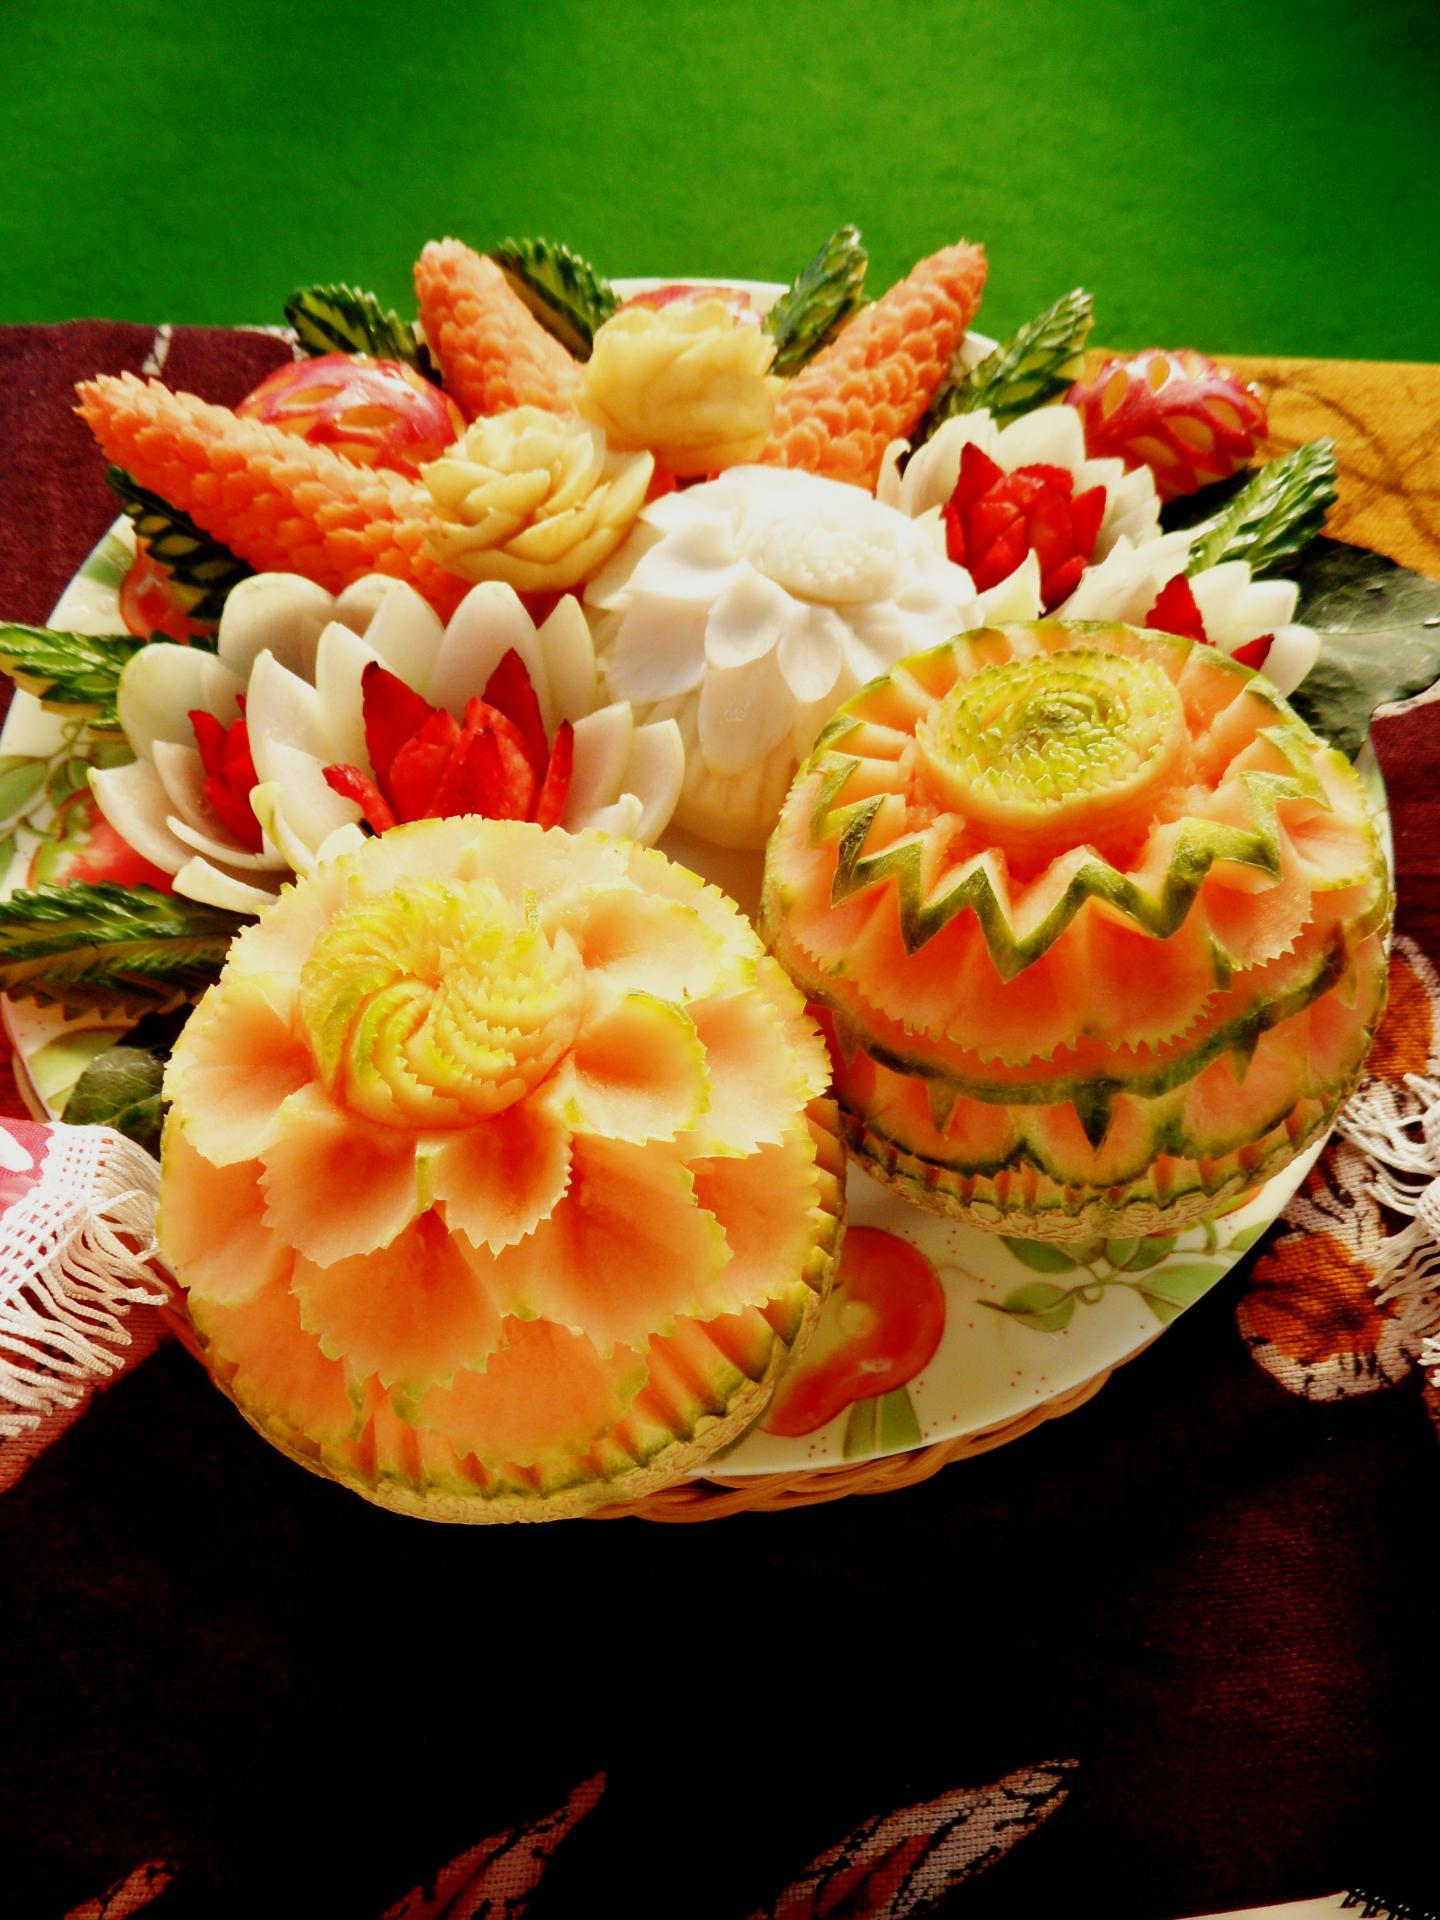 Sculpture sur fruits et légumes par Sawitree Renaux